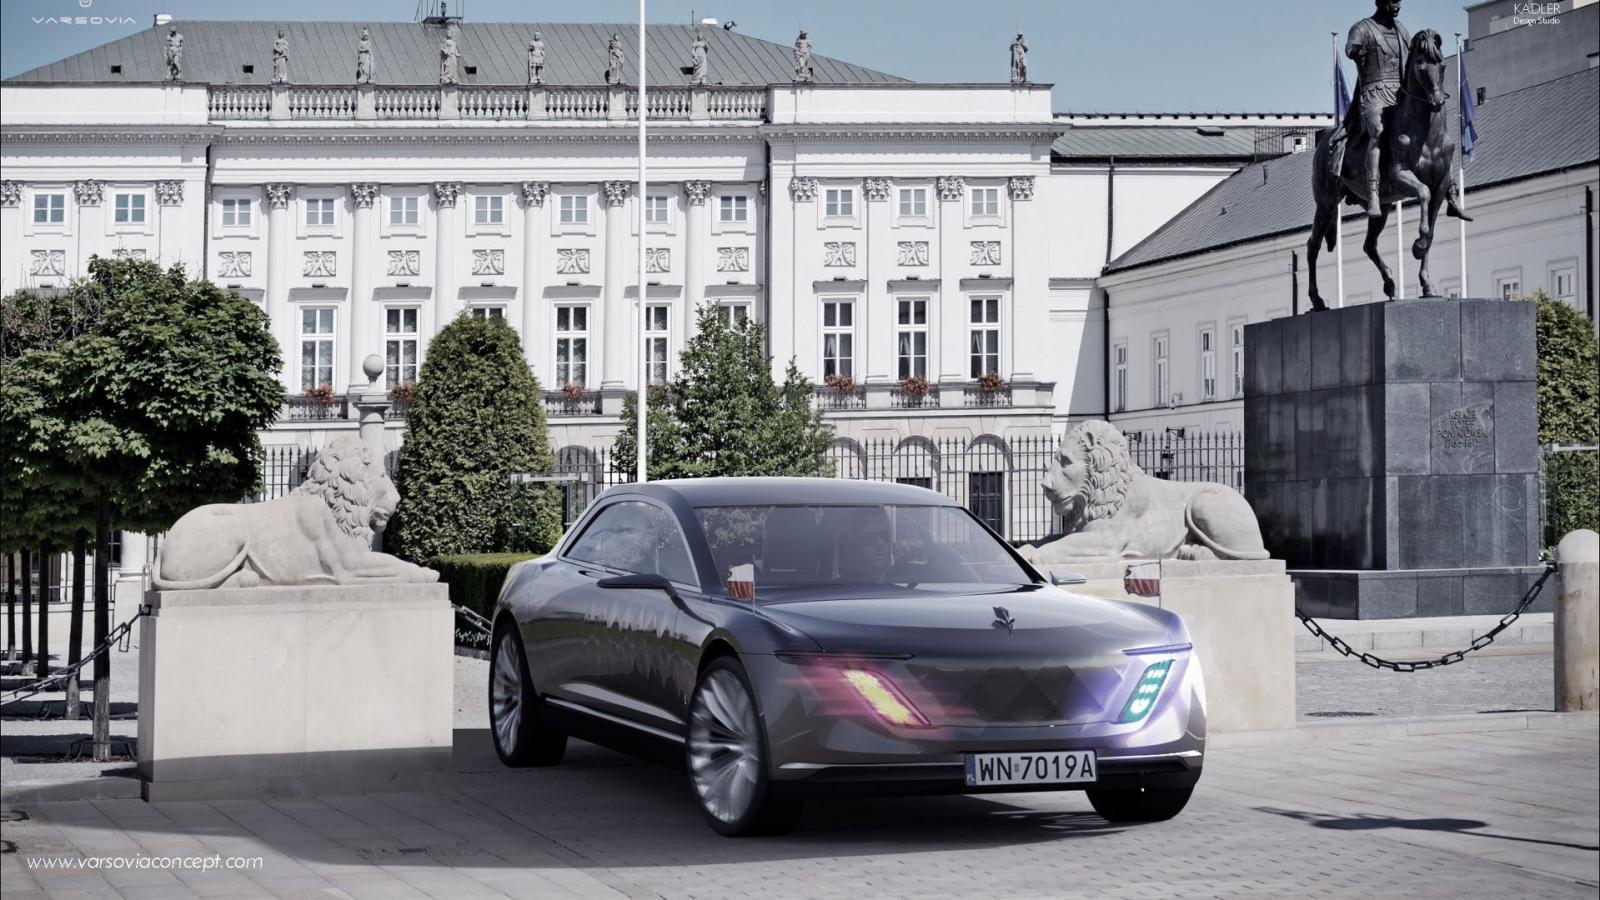 Varsovia— дорогой гибридный седан изПольши